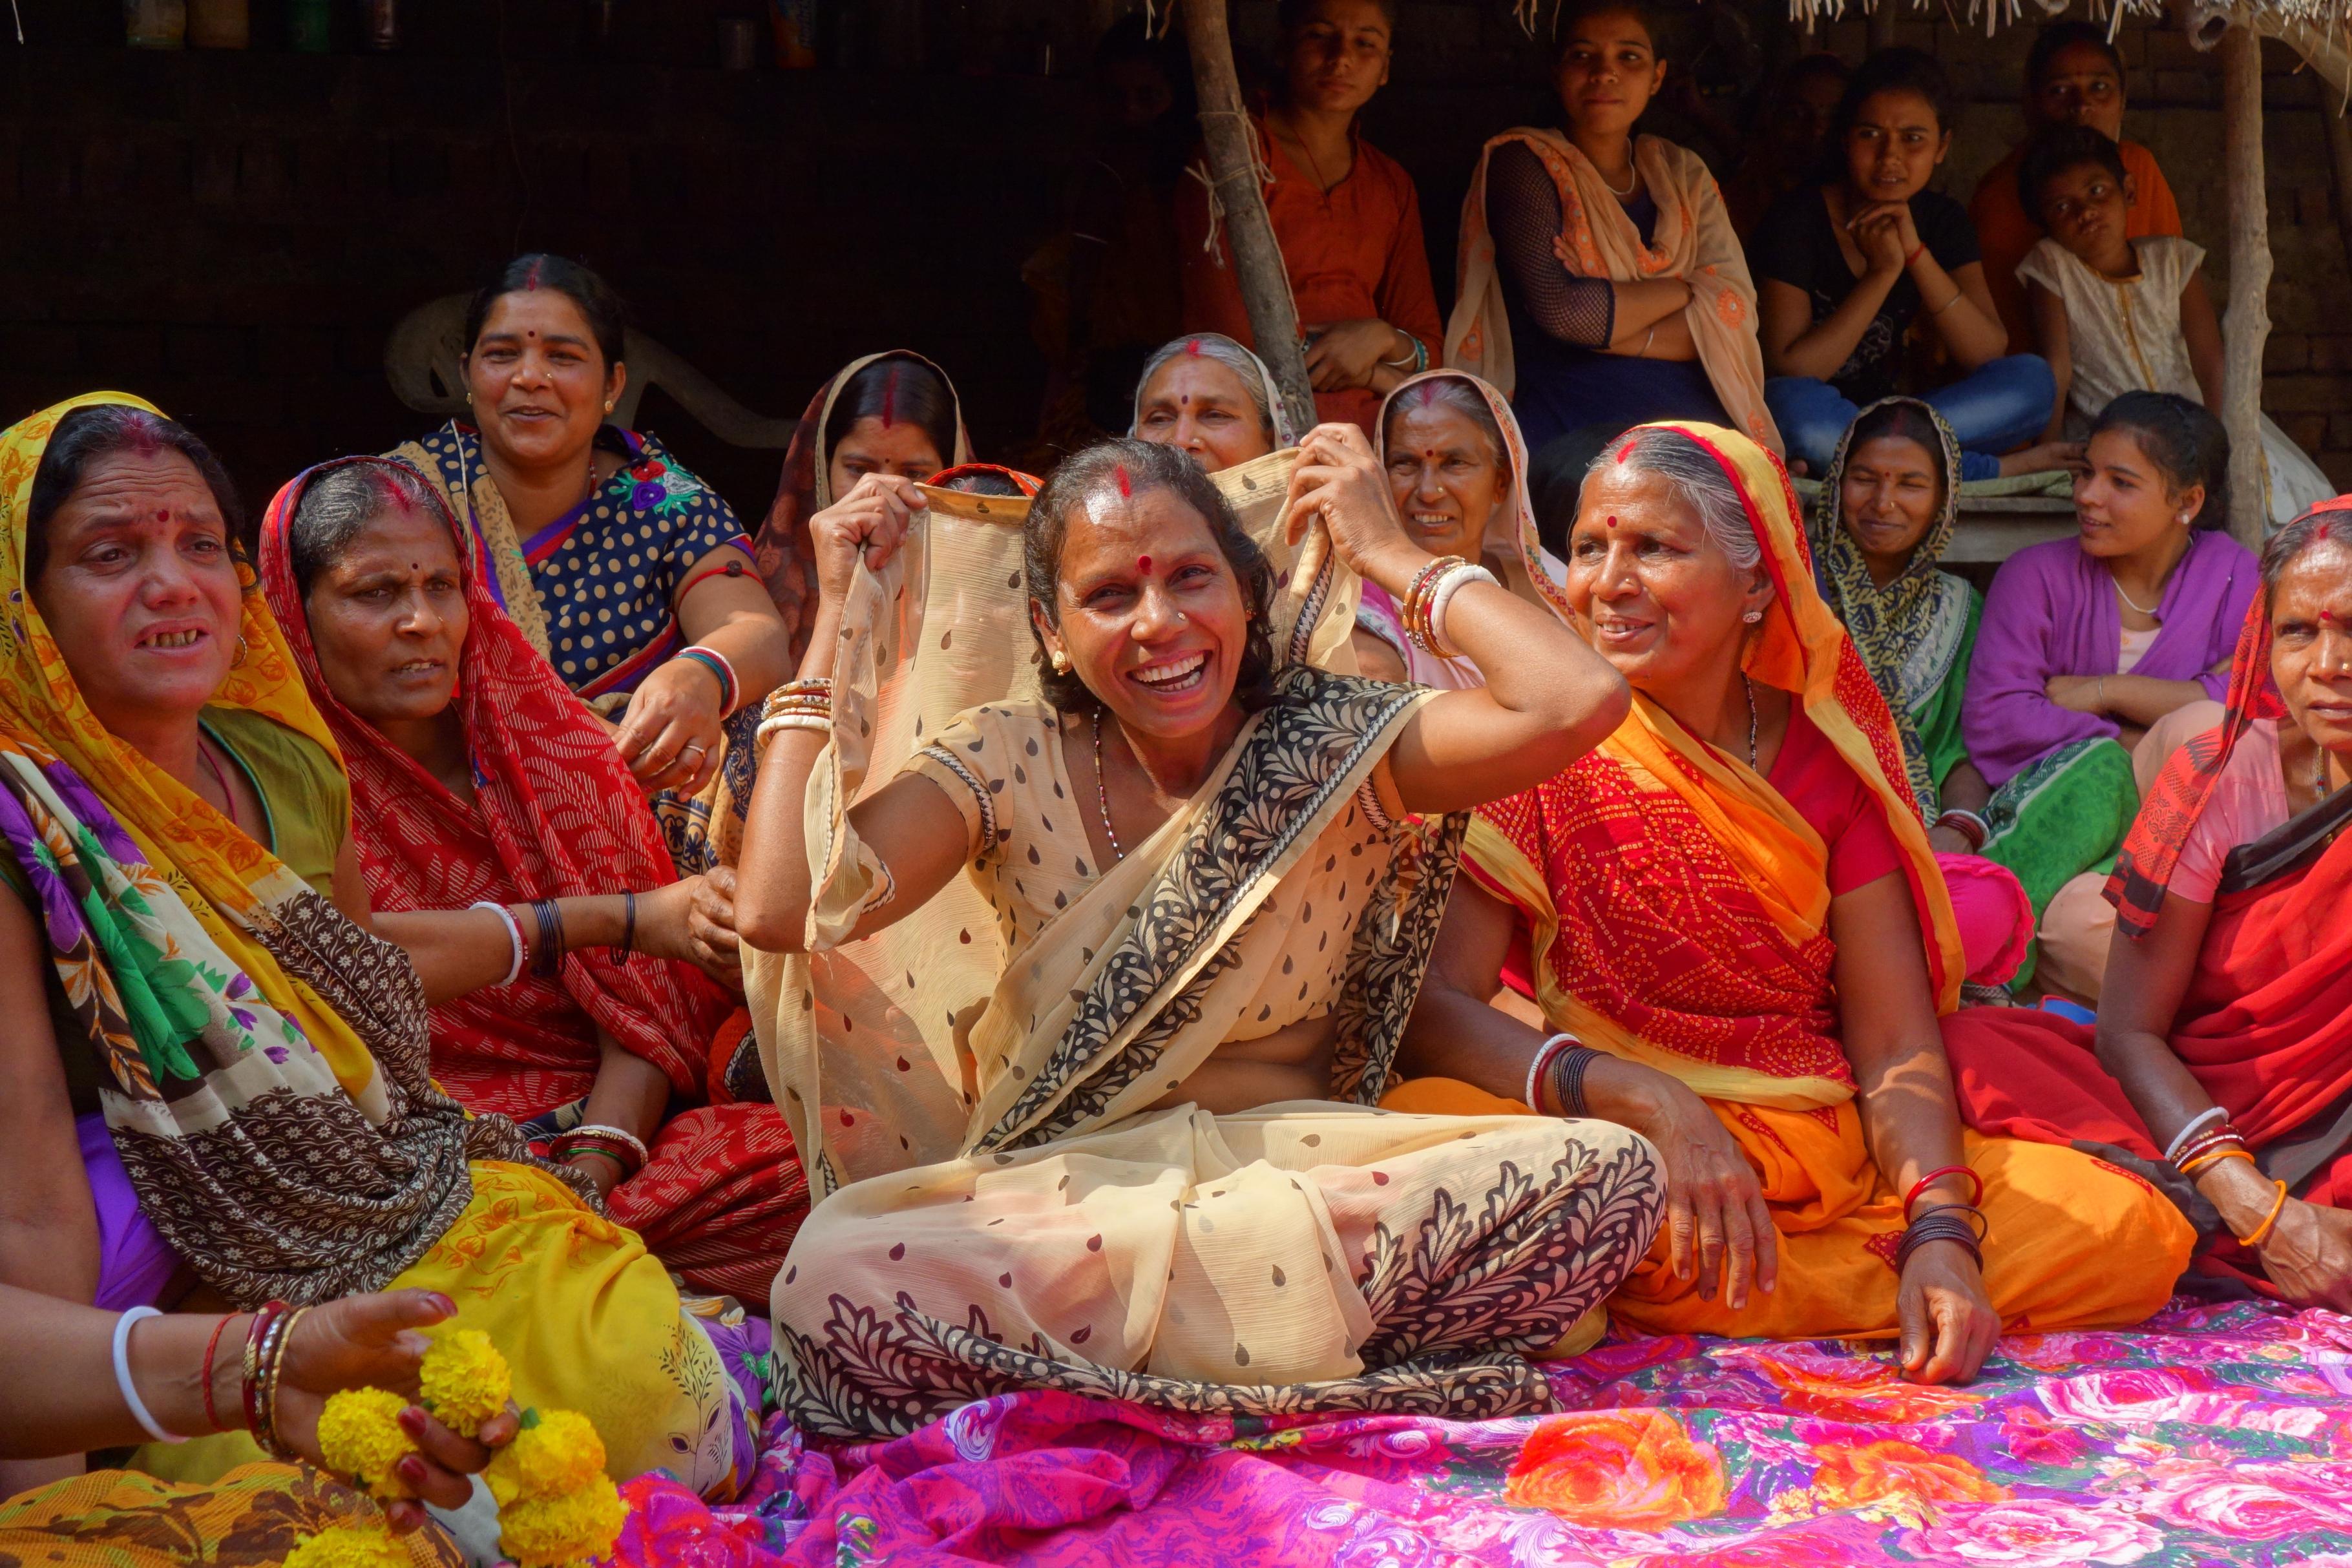 Kleinbäuerinnen in Indien